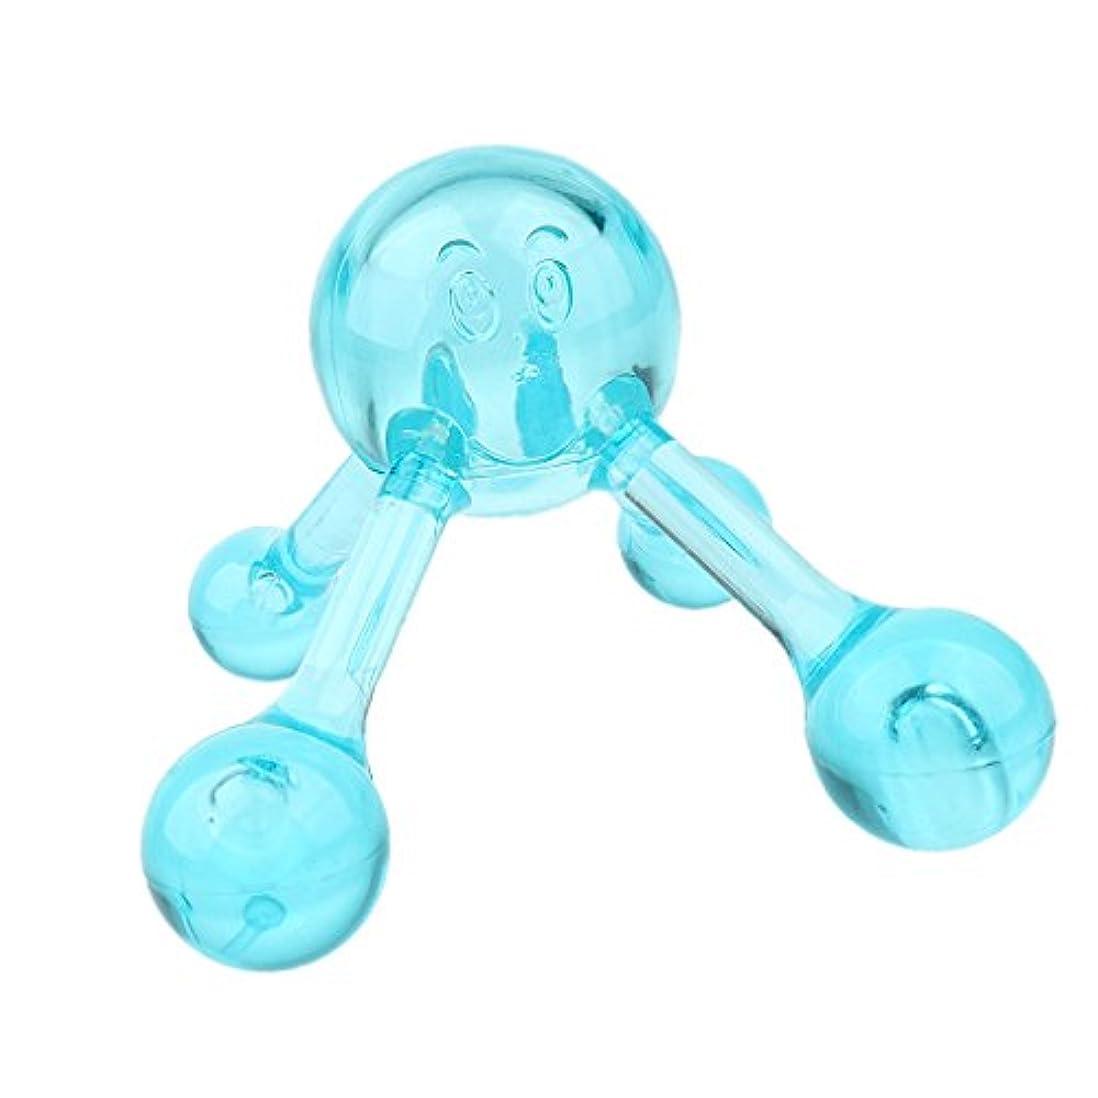 抑制するロック分離するネック ショルダー バック マッサージボール マニュアル ローラーマッサージャー プラスチック製